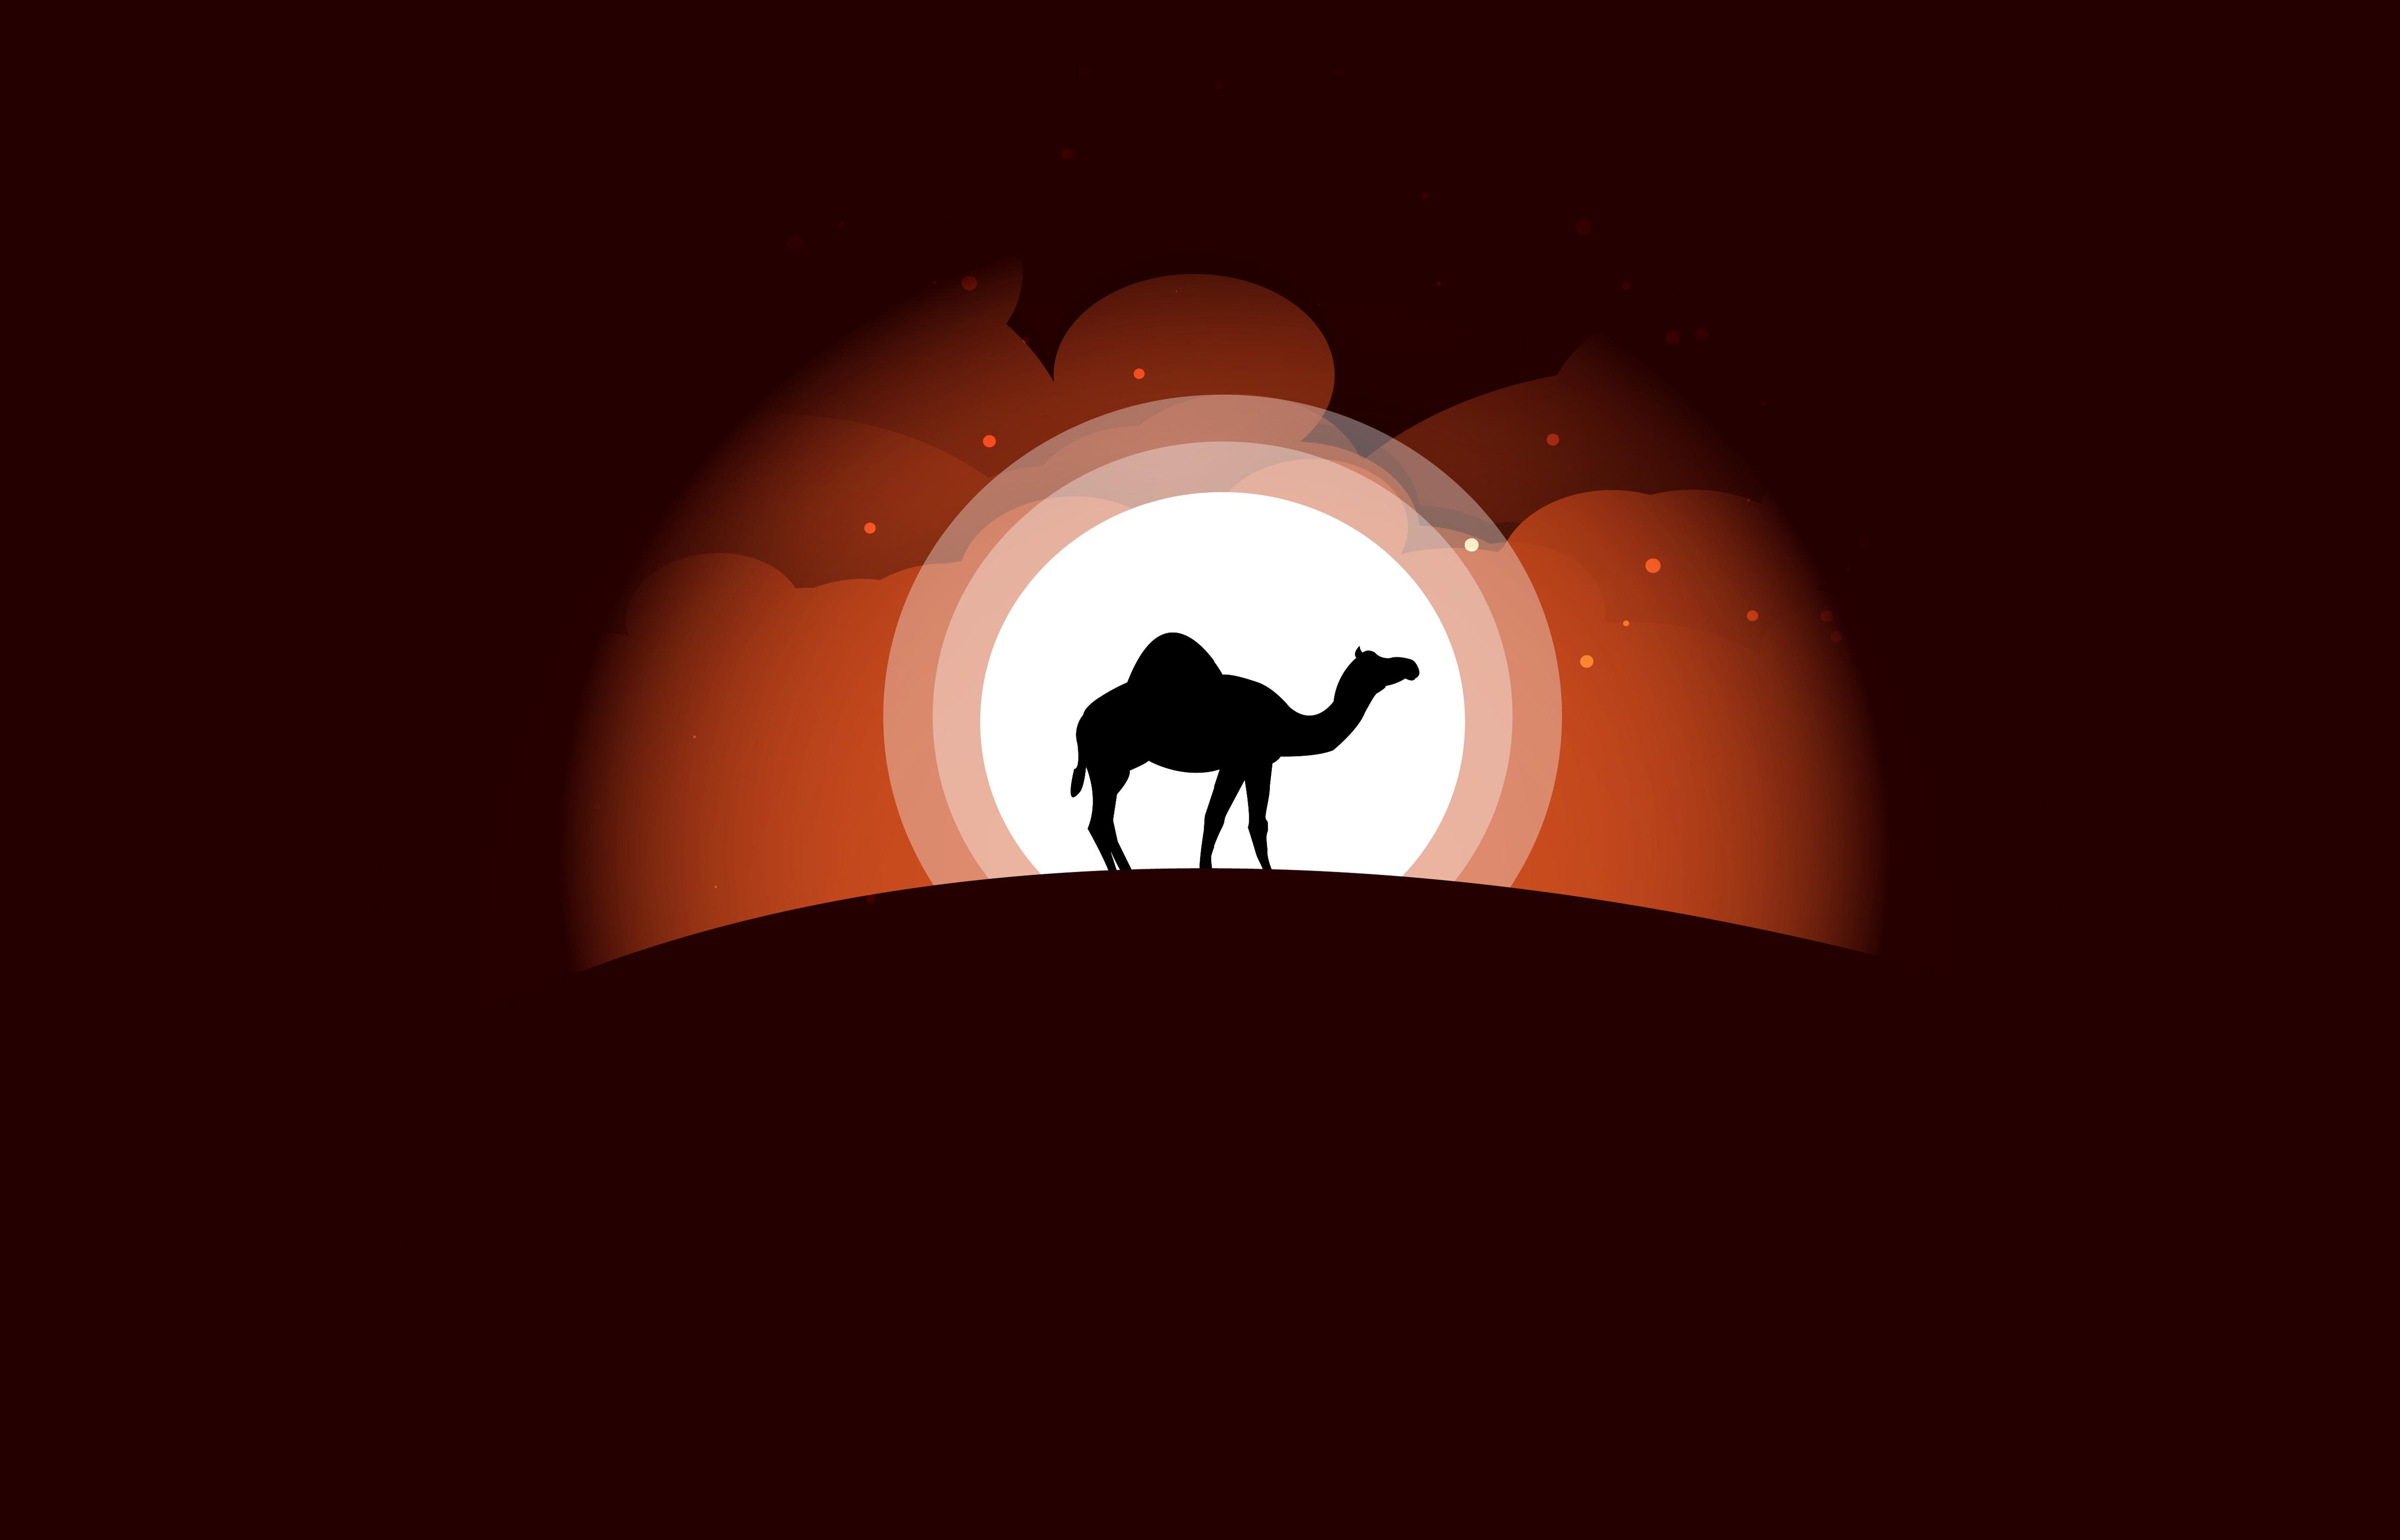 camel minimal art 1578254991 - Camel Minimal Art -